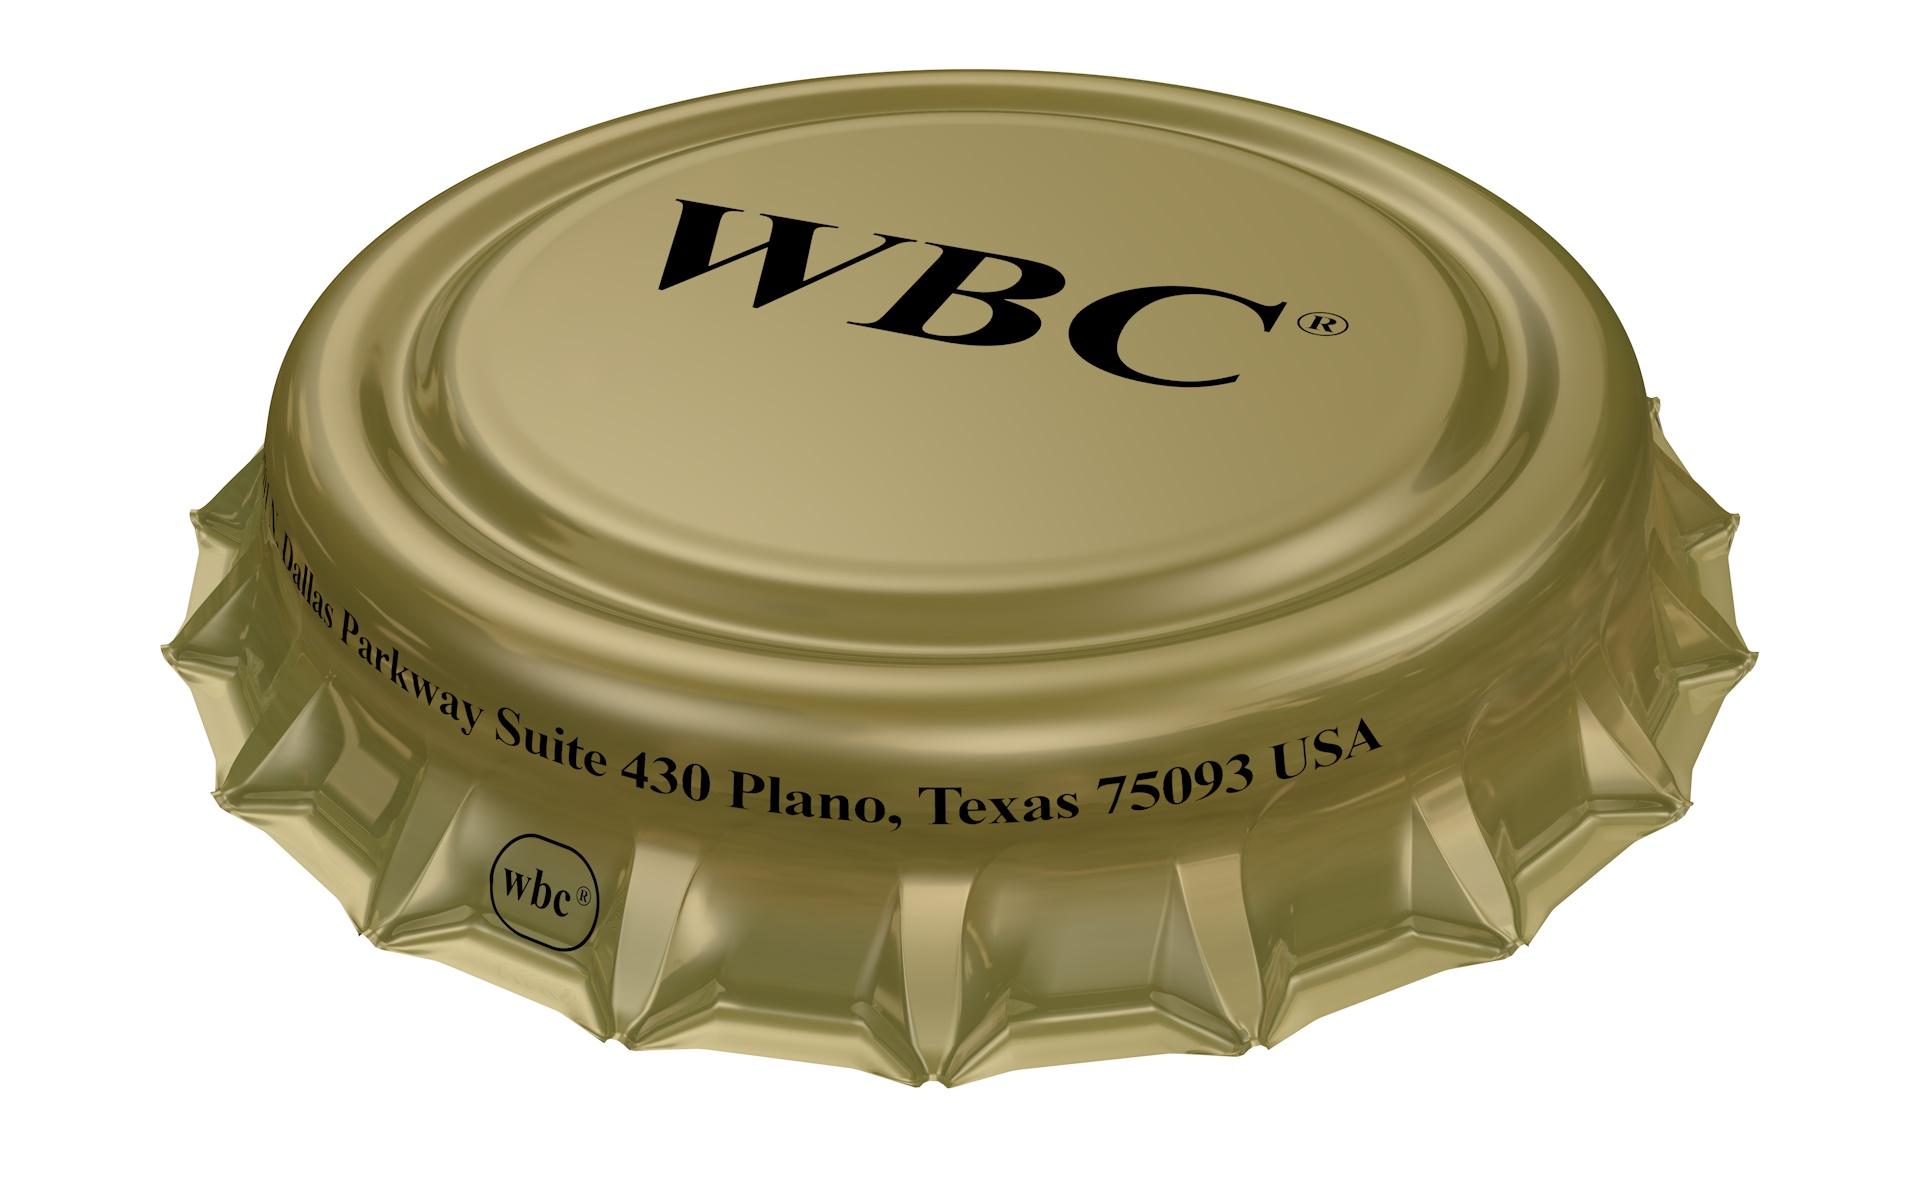 rgc-wbc-001_0003